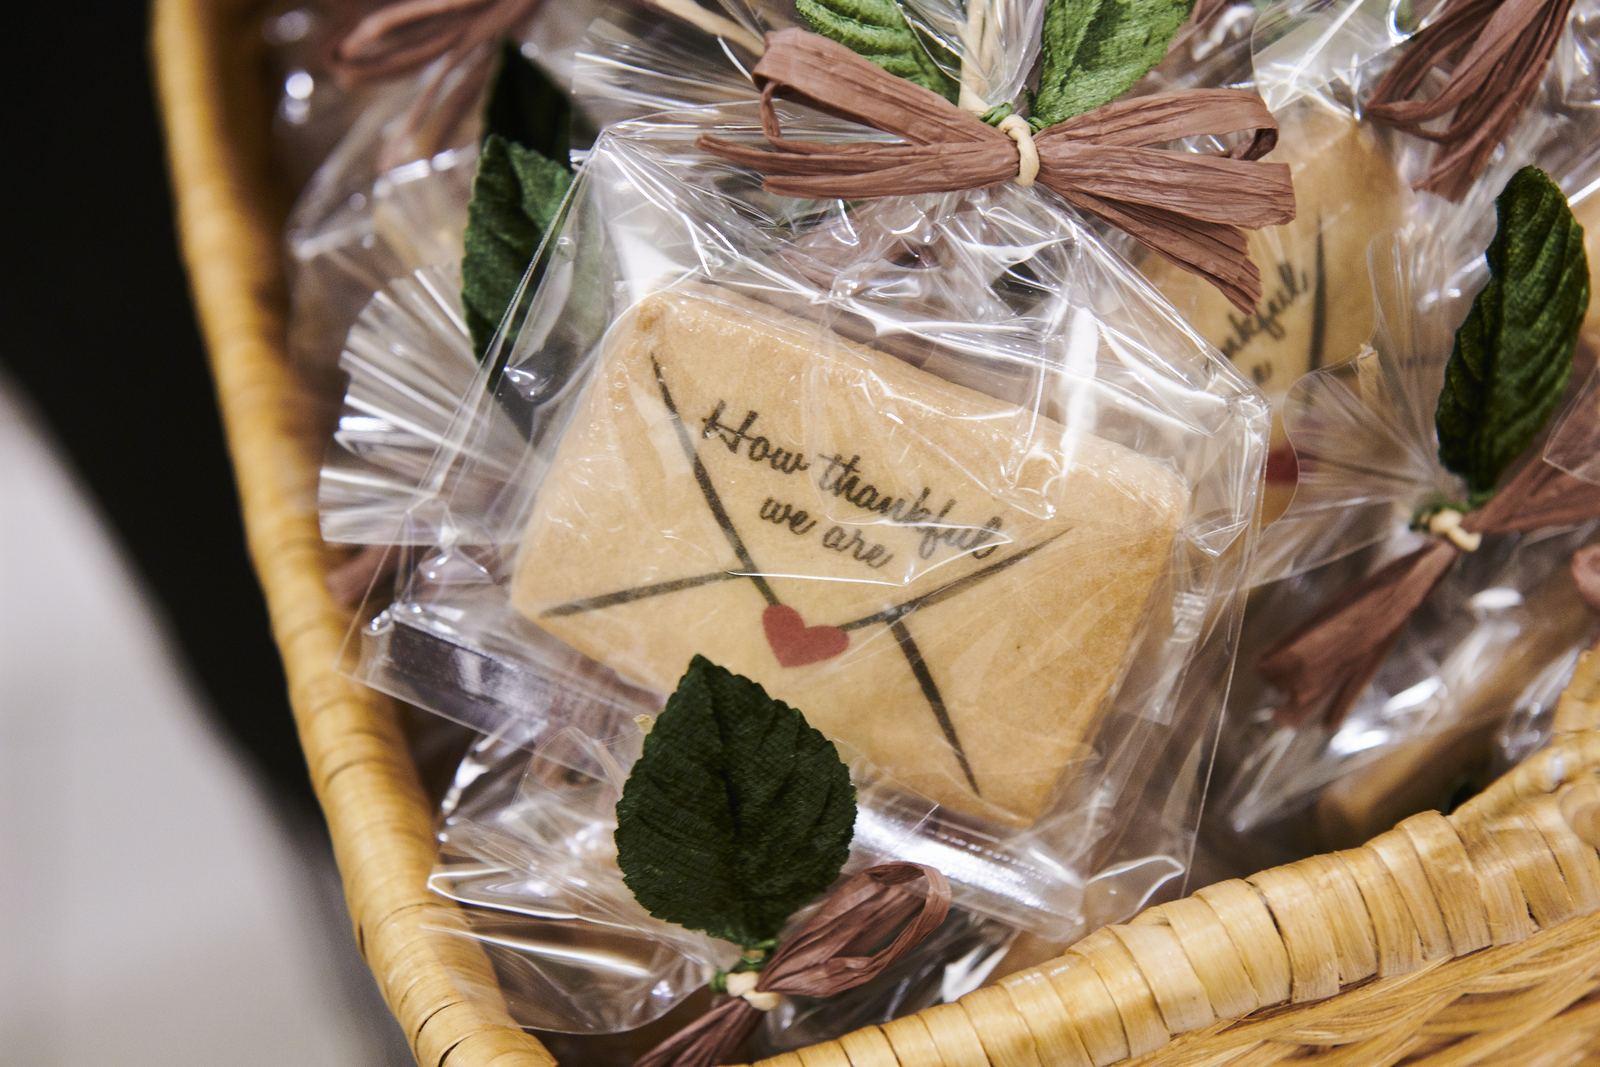 徳島市の結婚式場ブランアンジュでお見送り品として渡したメッセージクッキー